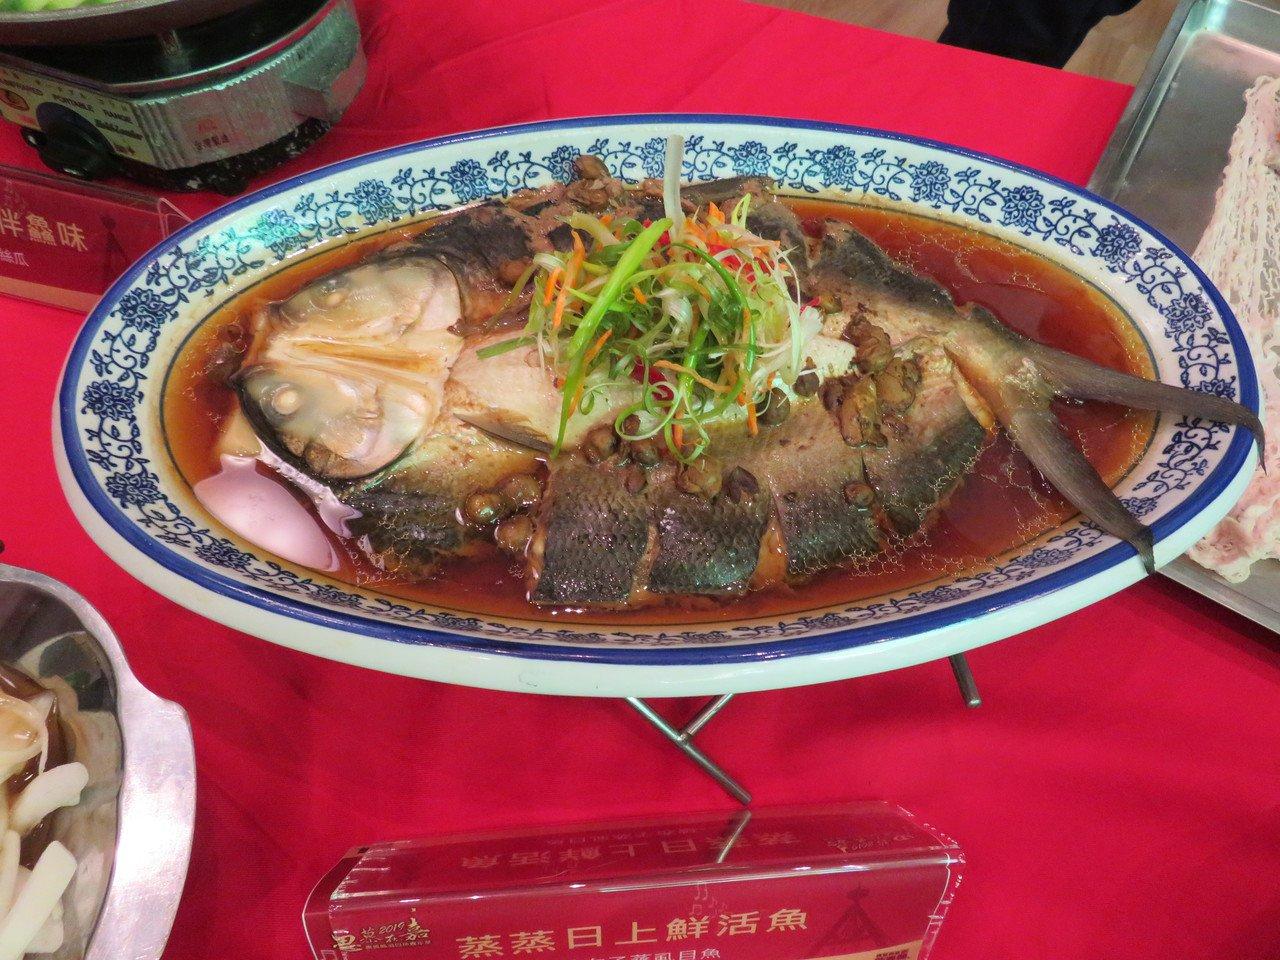 嘉義縣虱目魚宴10道佳餚 低於成本每桌2500元開放預訂